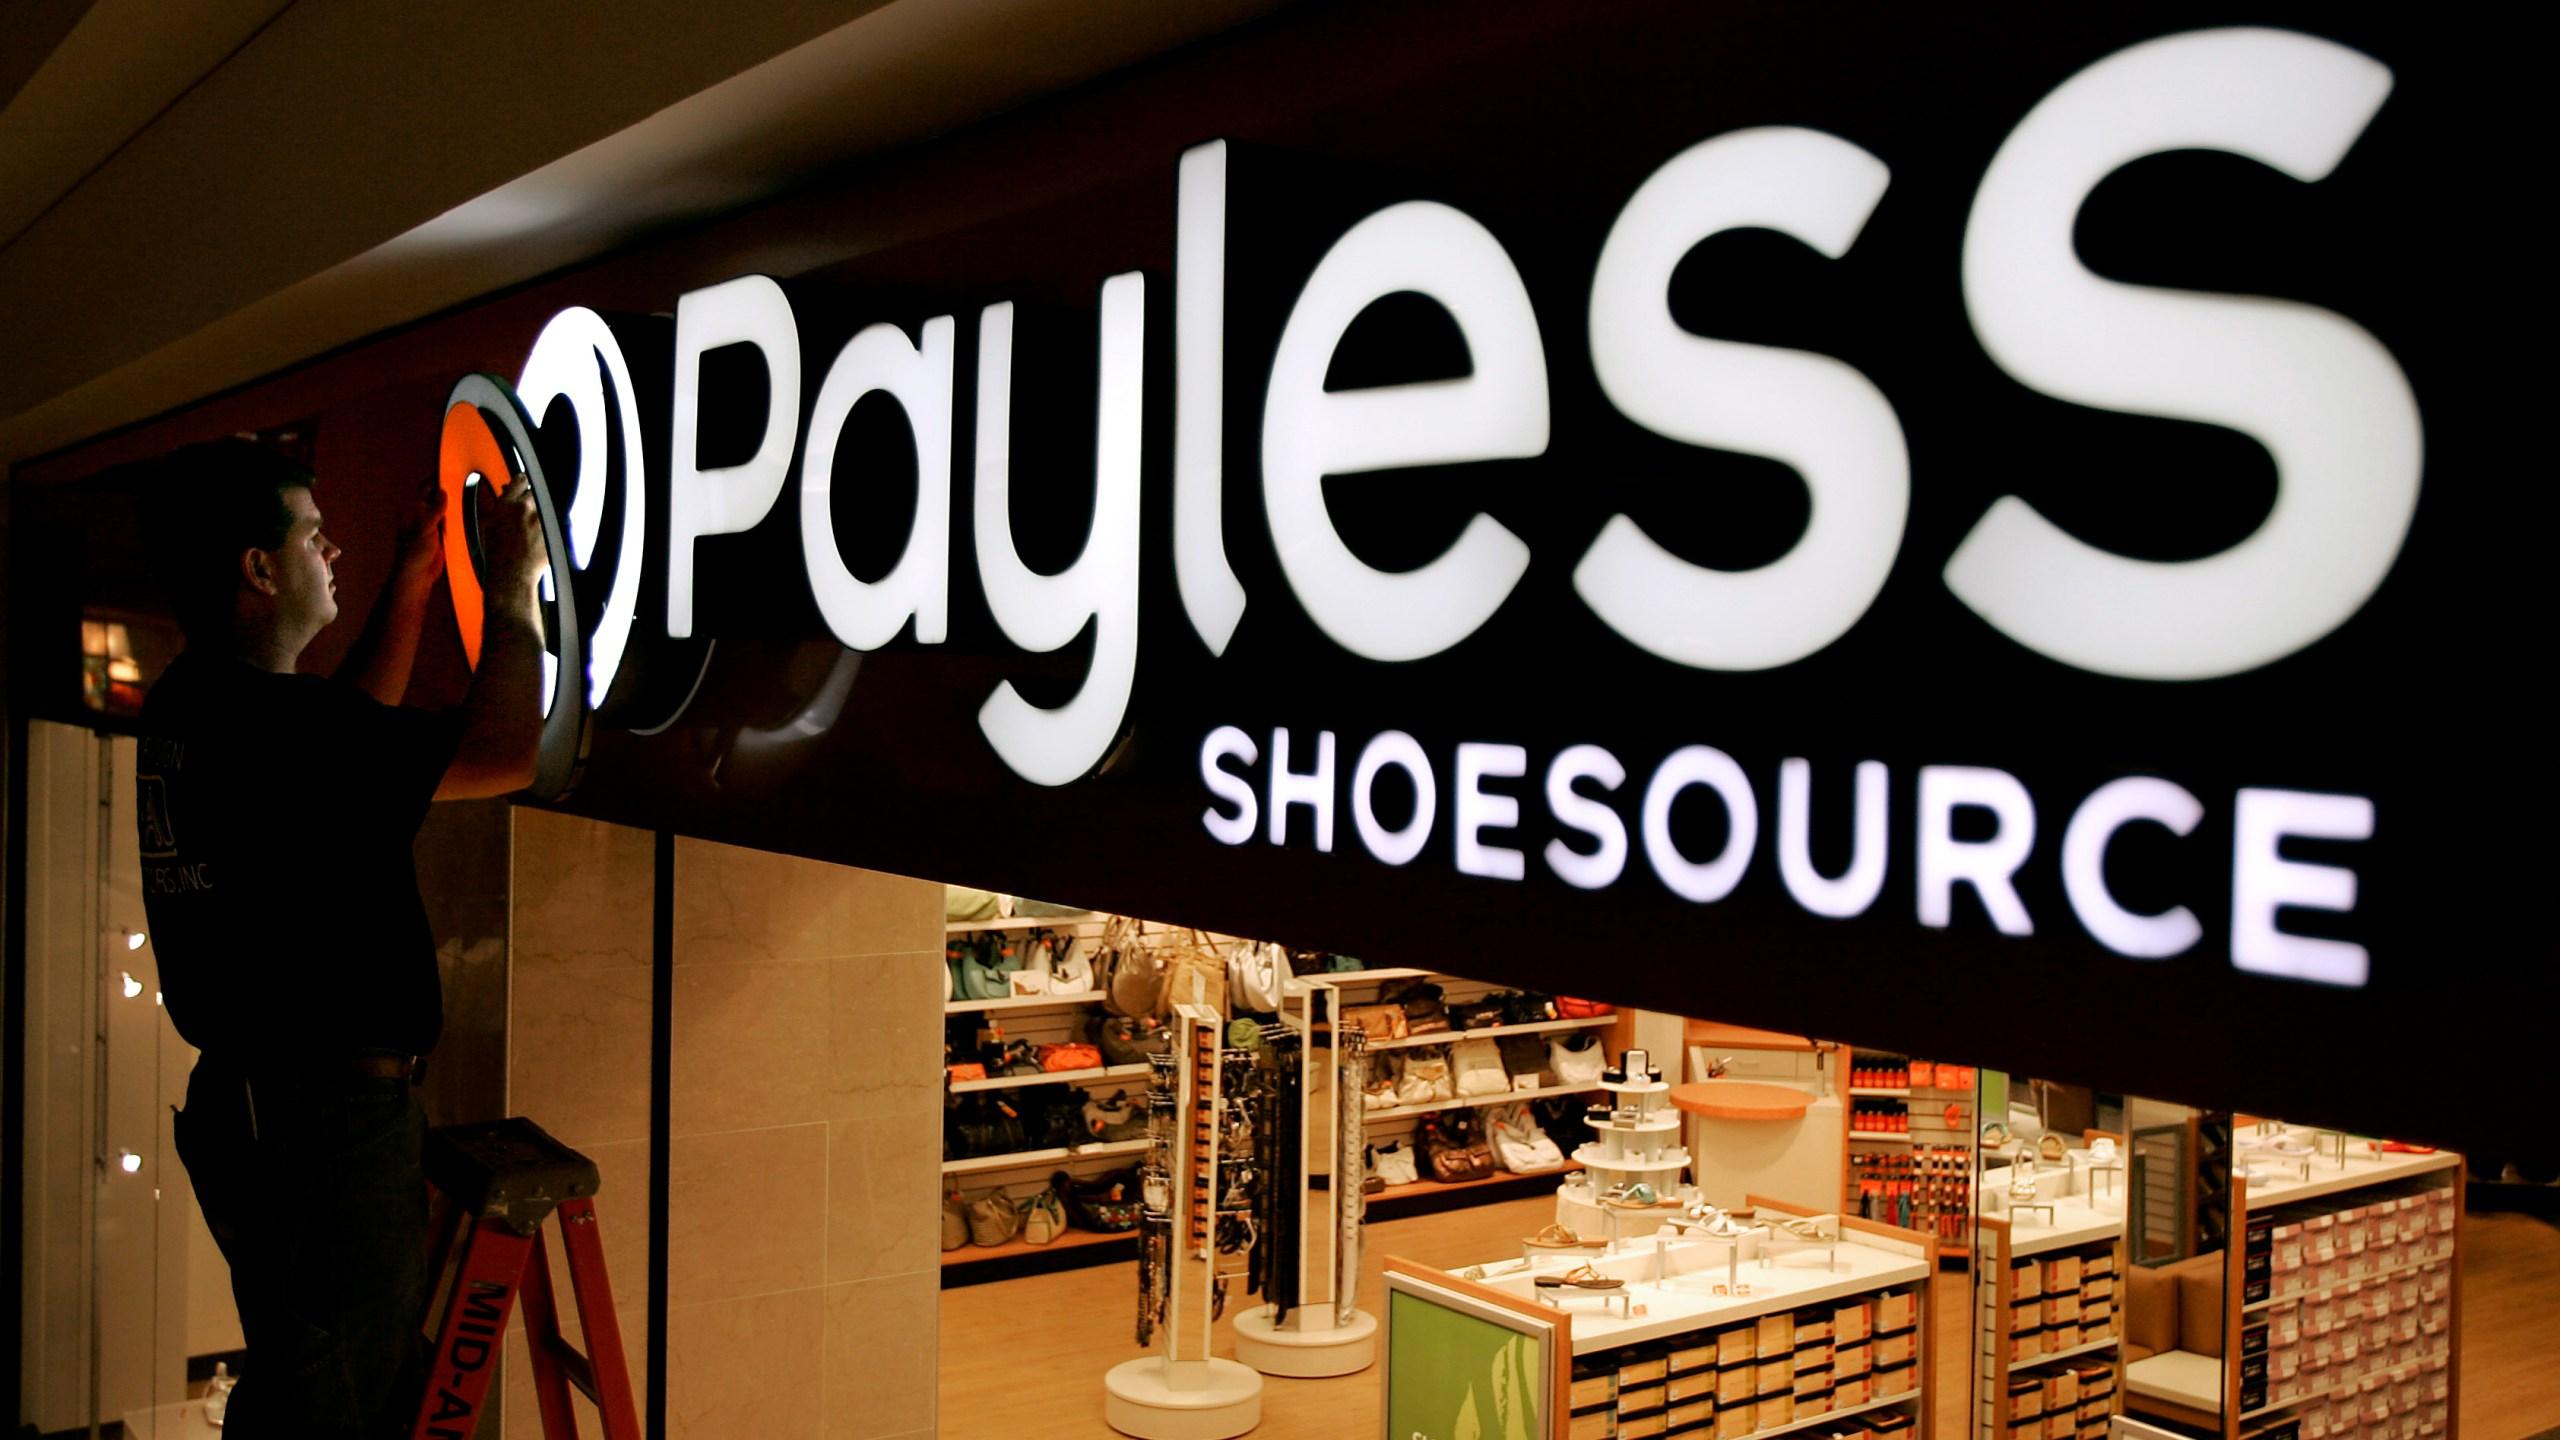 Payless_Liquidation_70259-159532.jpg02921952